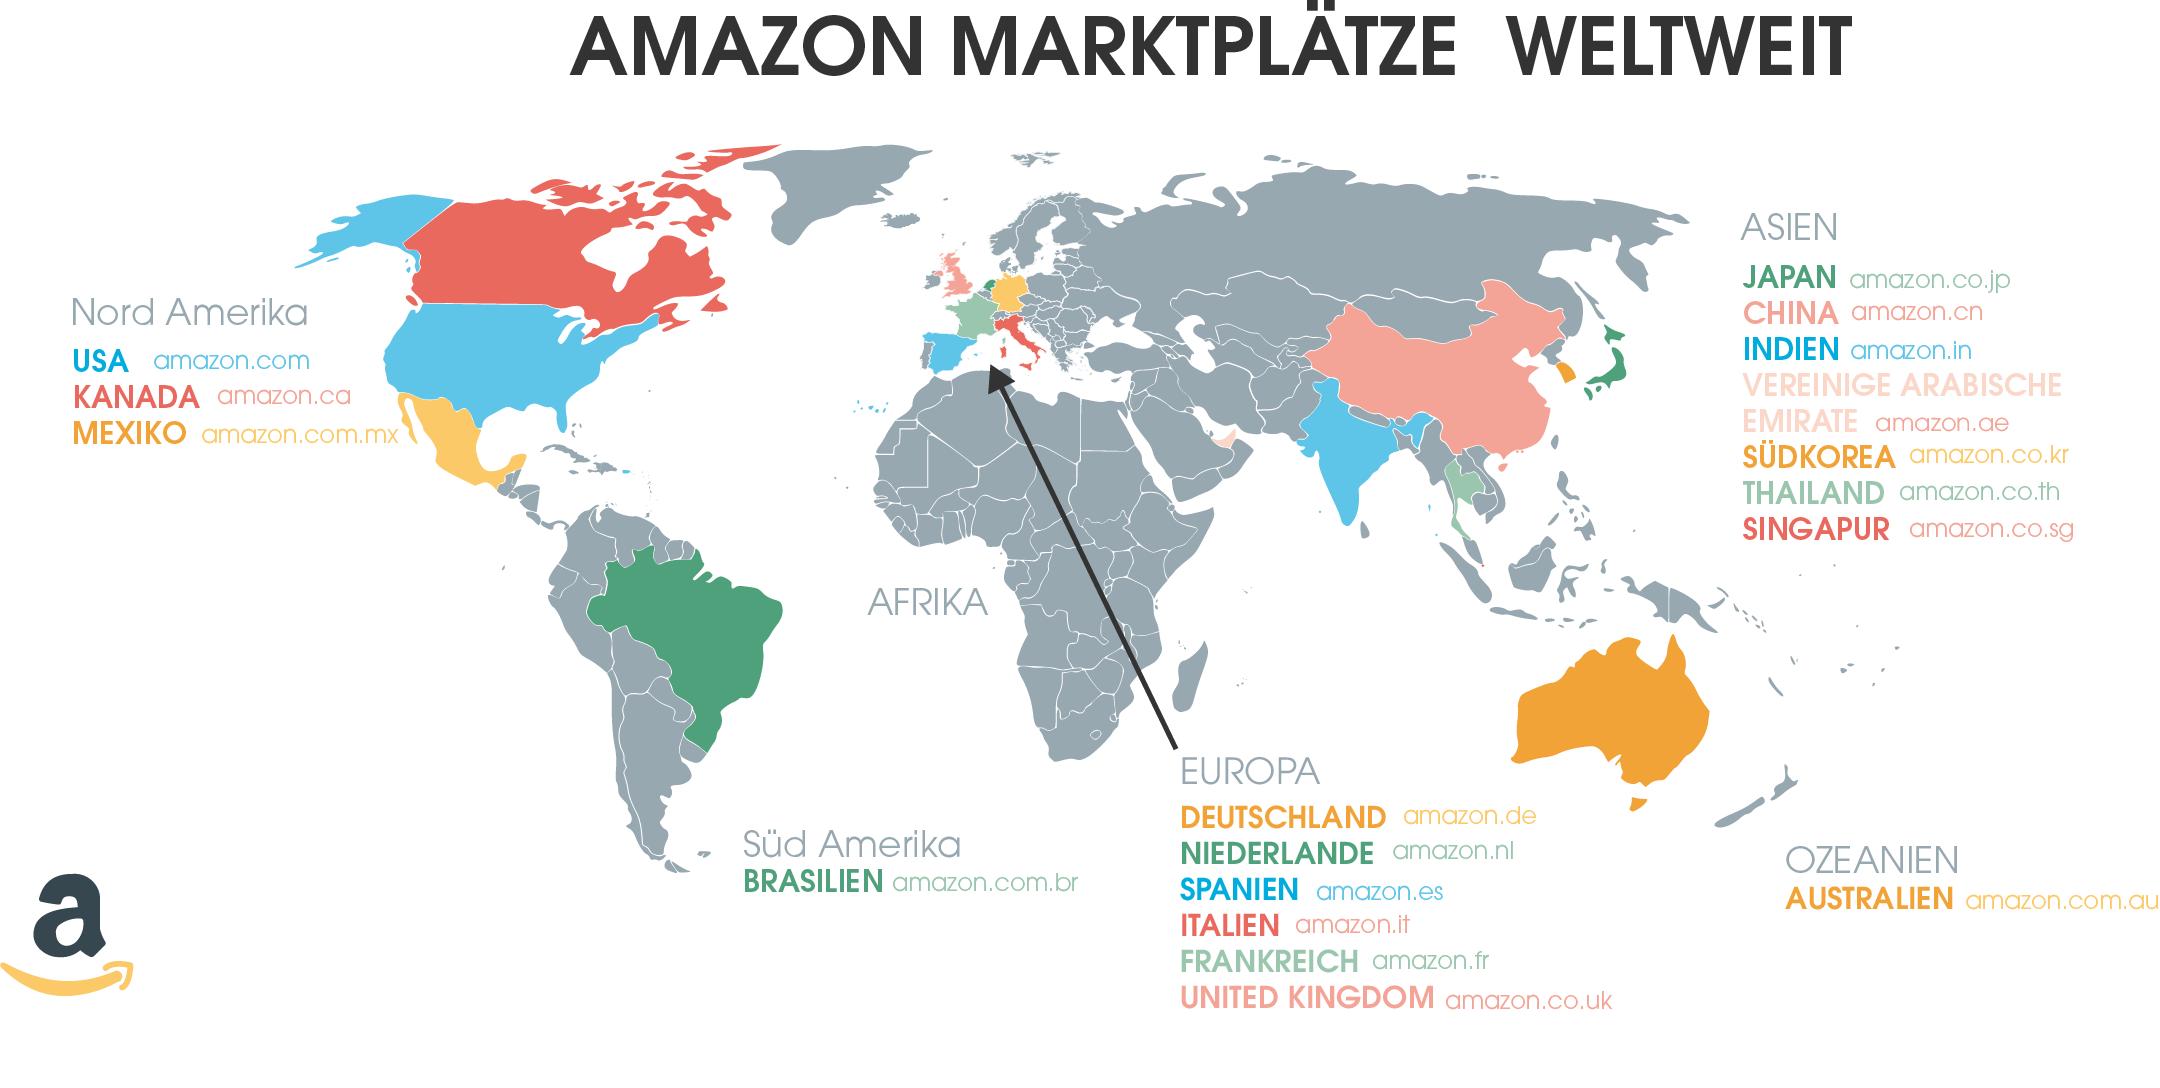 Diese Amazon Marktplätze gibt es aktuell weltweit.